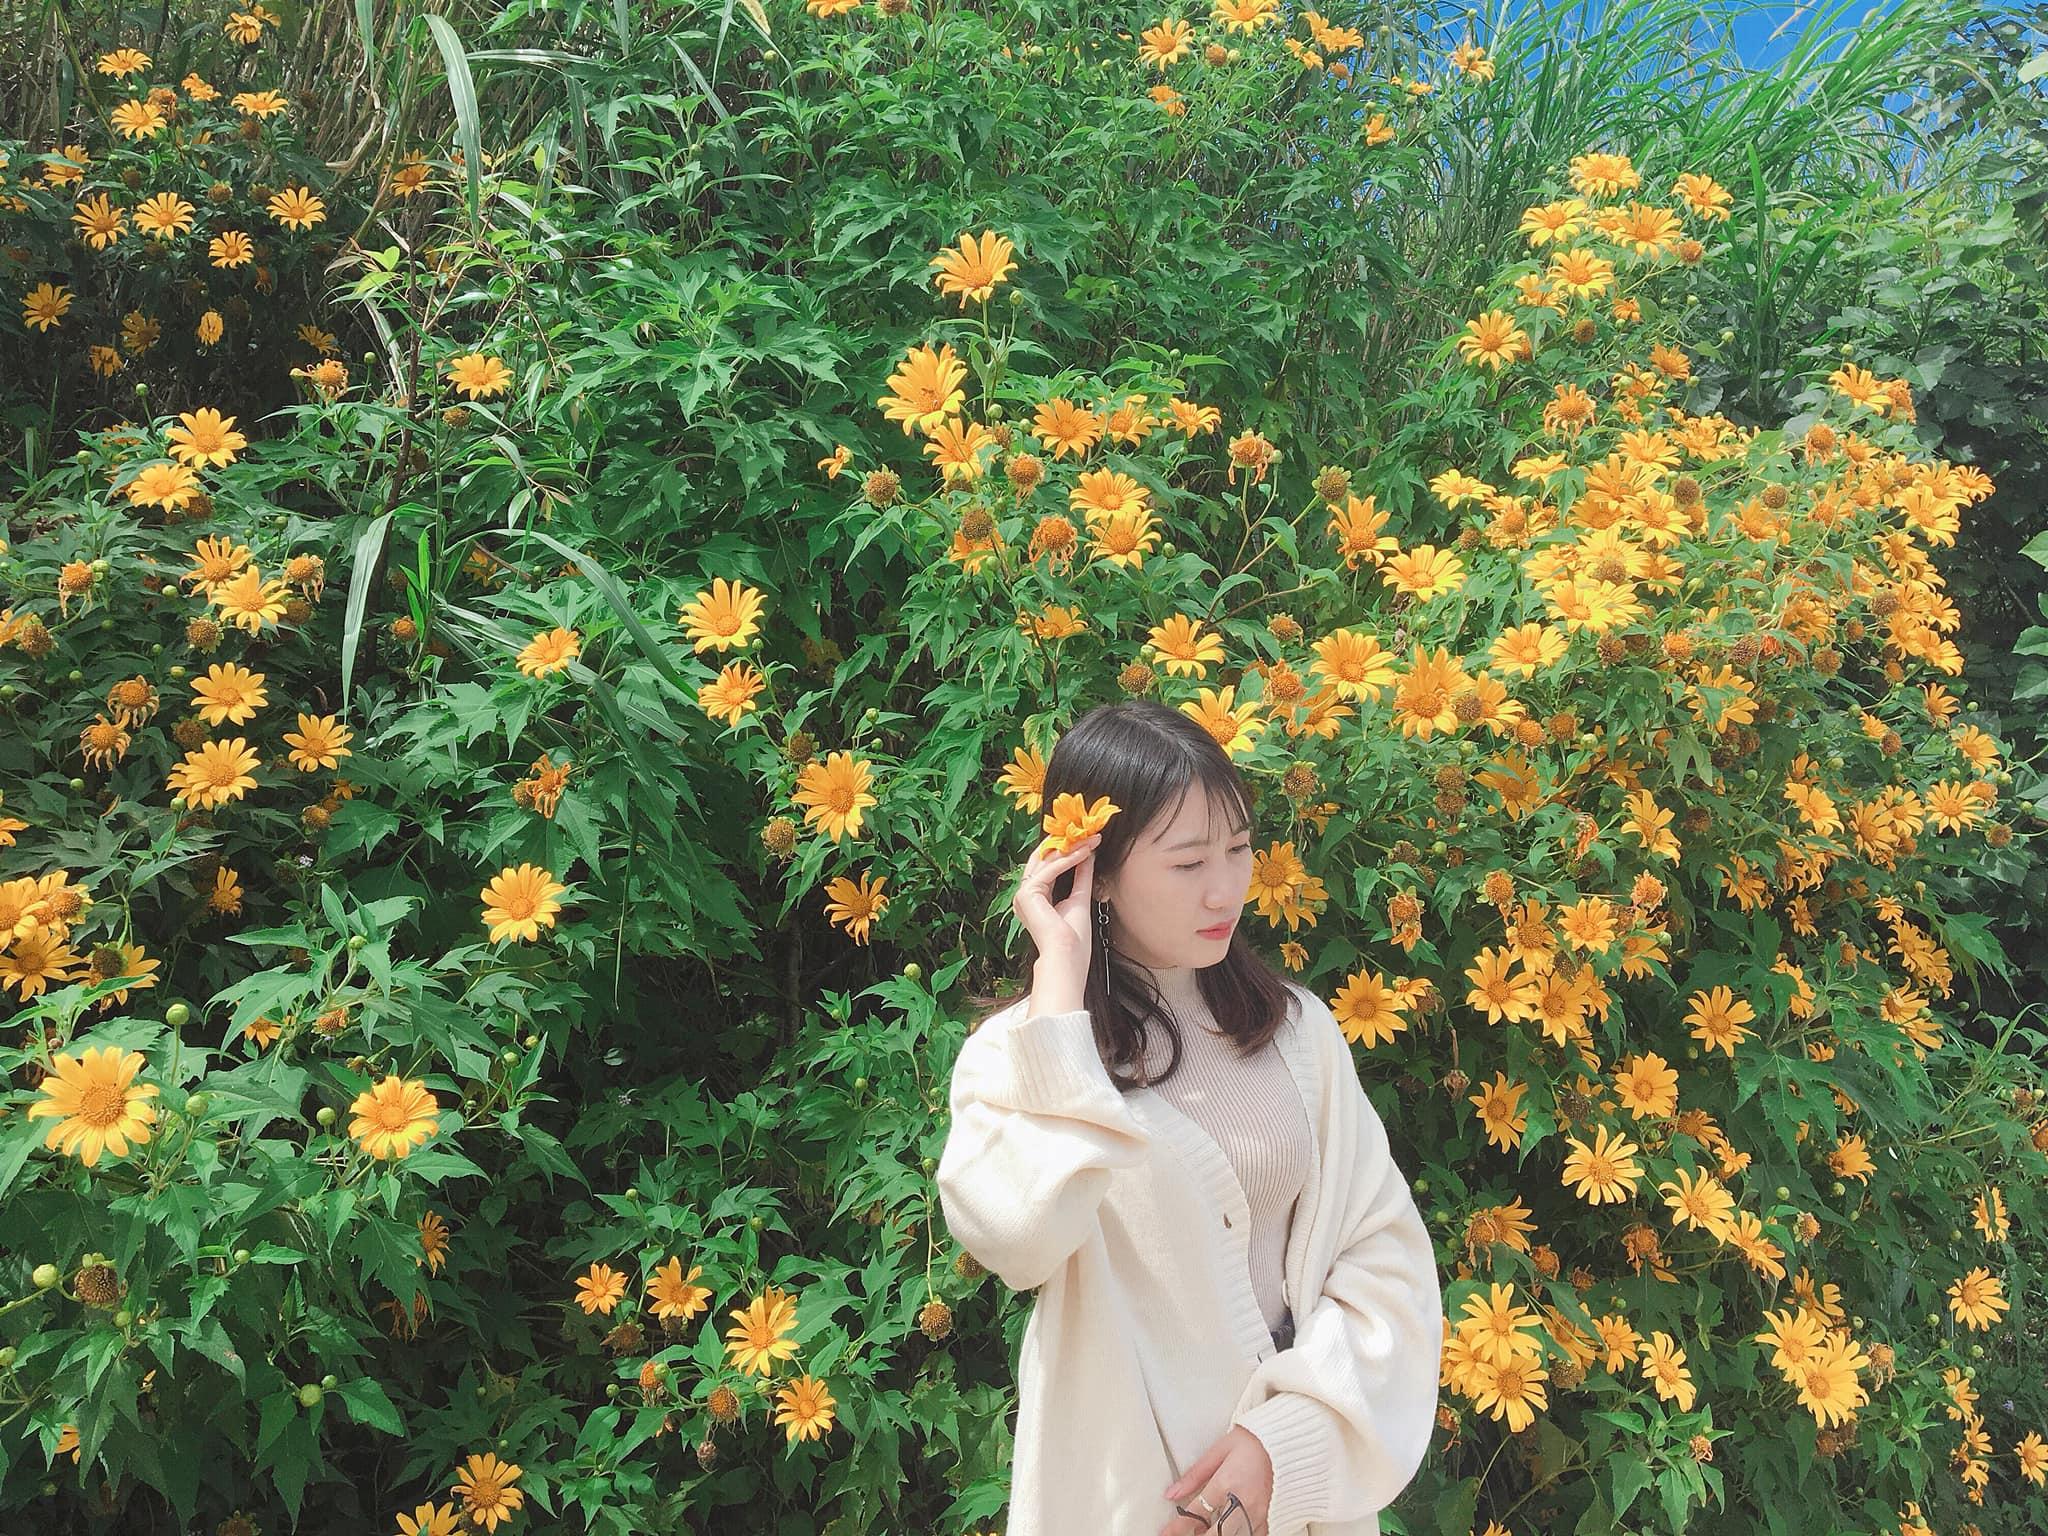 Tour du lịch Đà Lạt tháng 7: Vô vàn điểm đến hấp dẫn tại Thành phố ngàn hoa  - Ảnh 26.